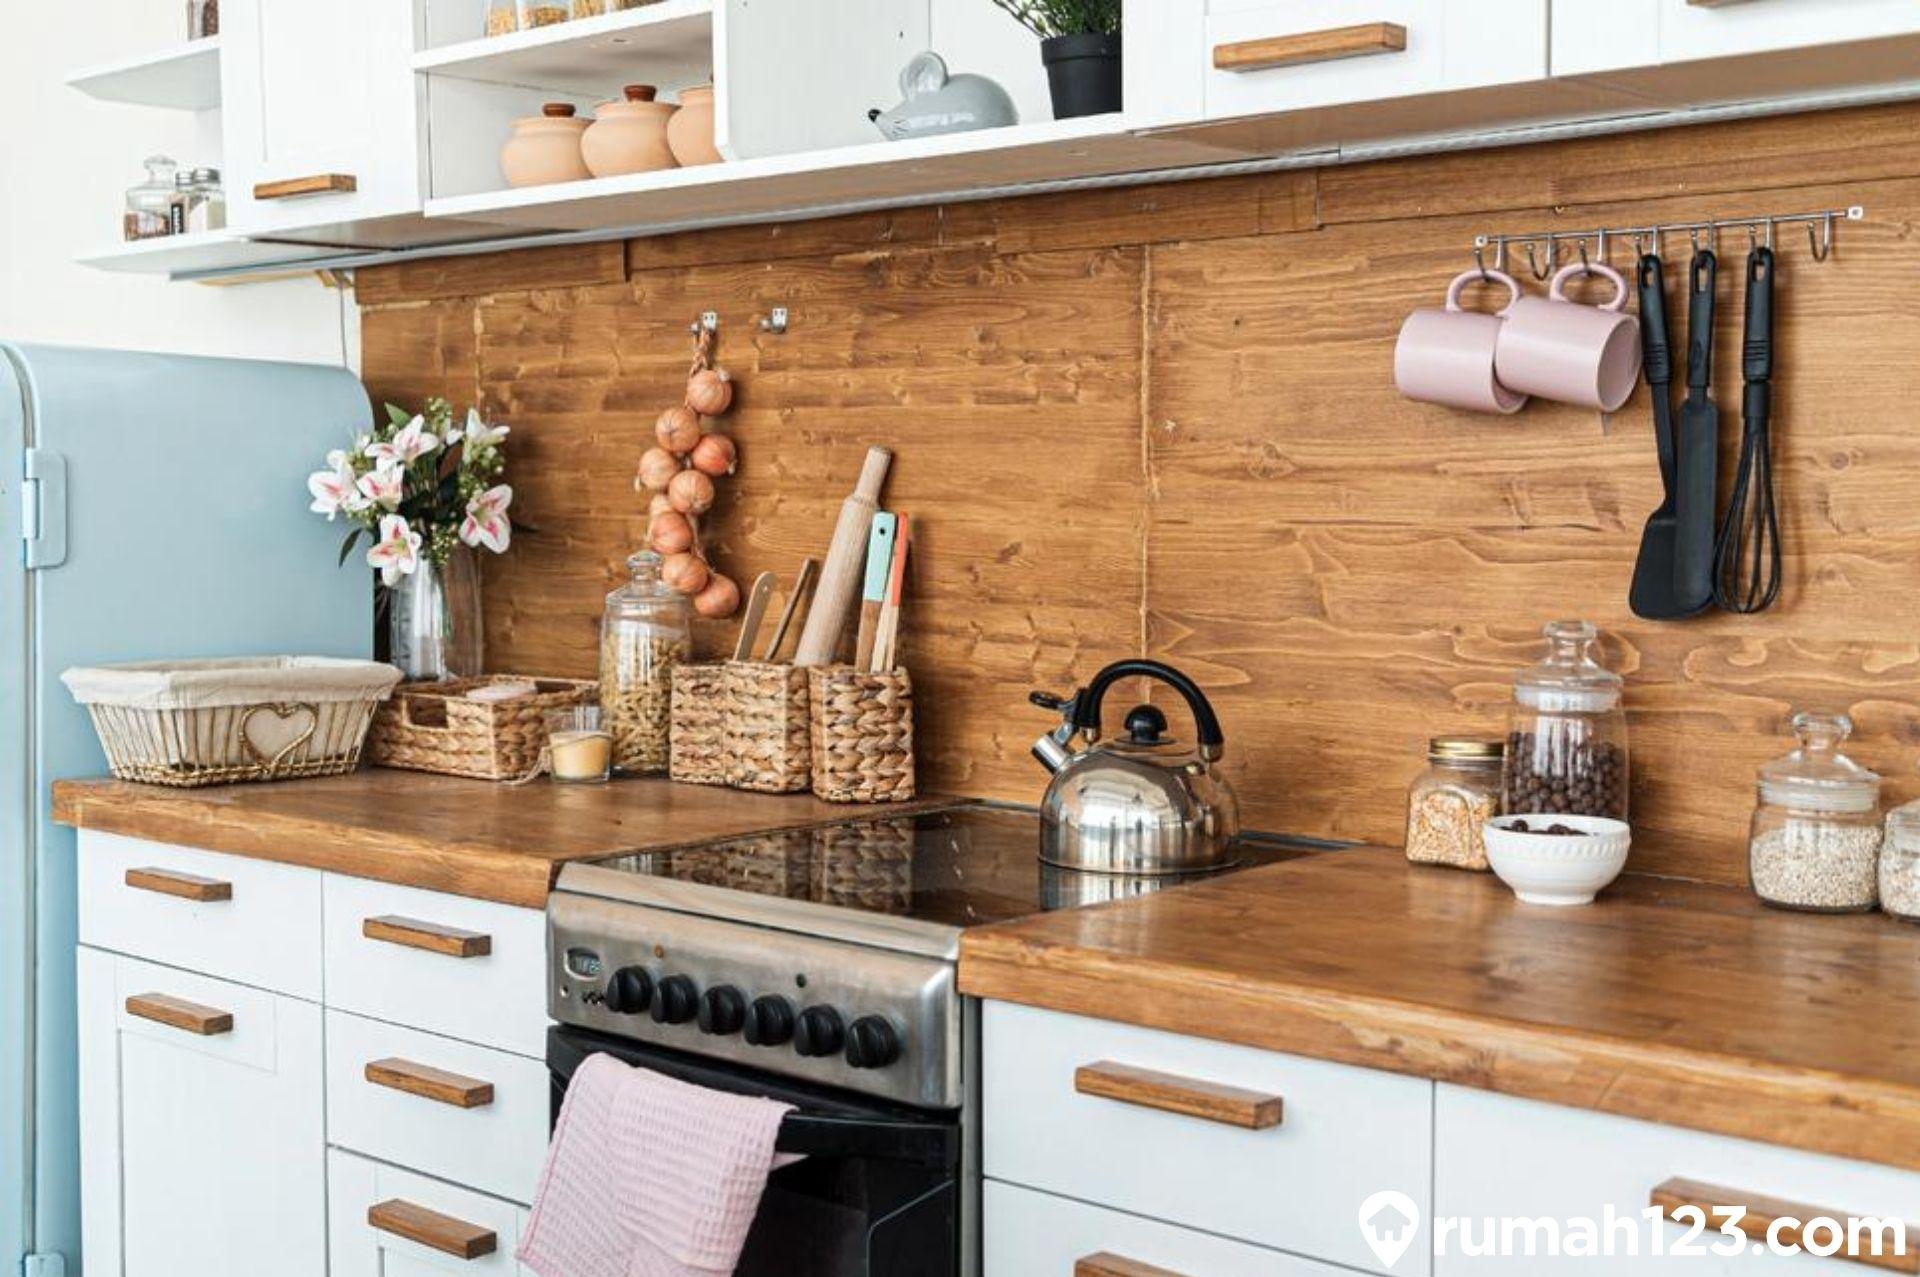 11 Inspirasi Keramik Dinding Dapur Kekinian Untuk Hunian Minimalis Rumah123 Com Warna keramik dinding dapur rumah